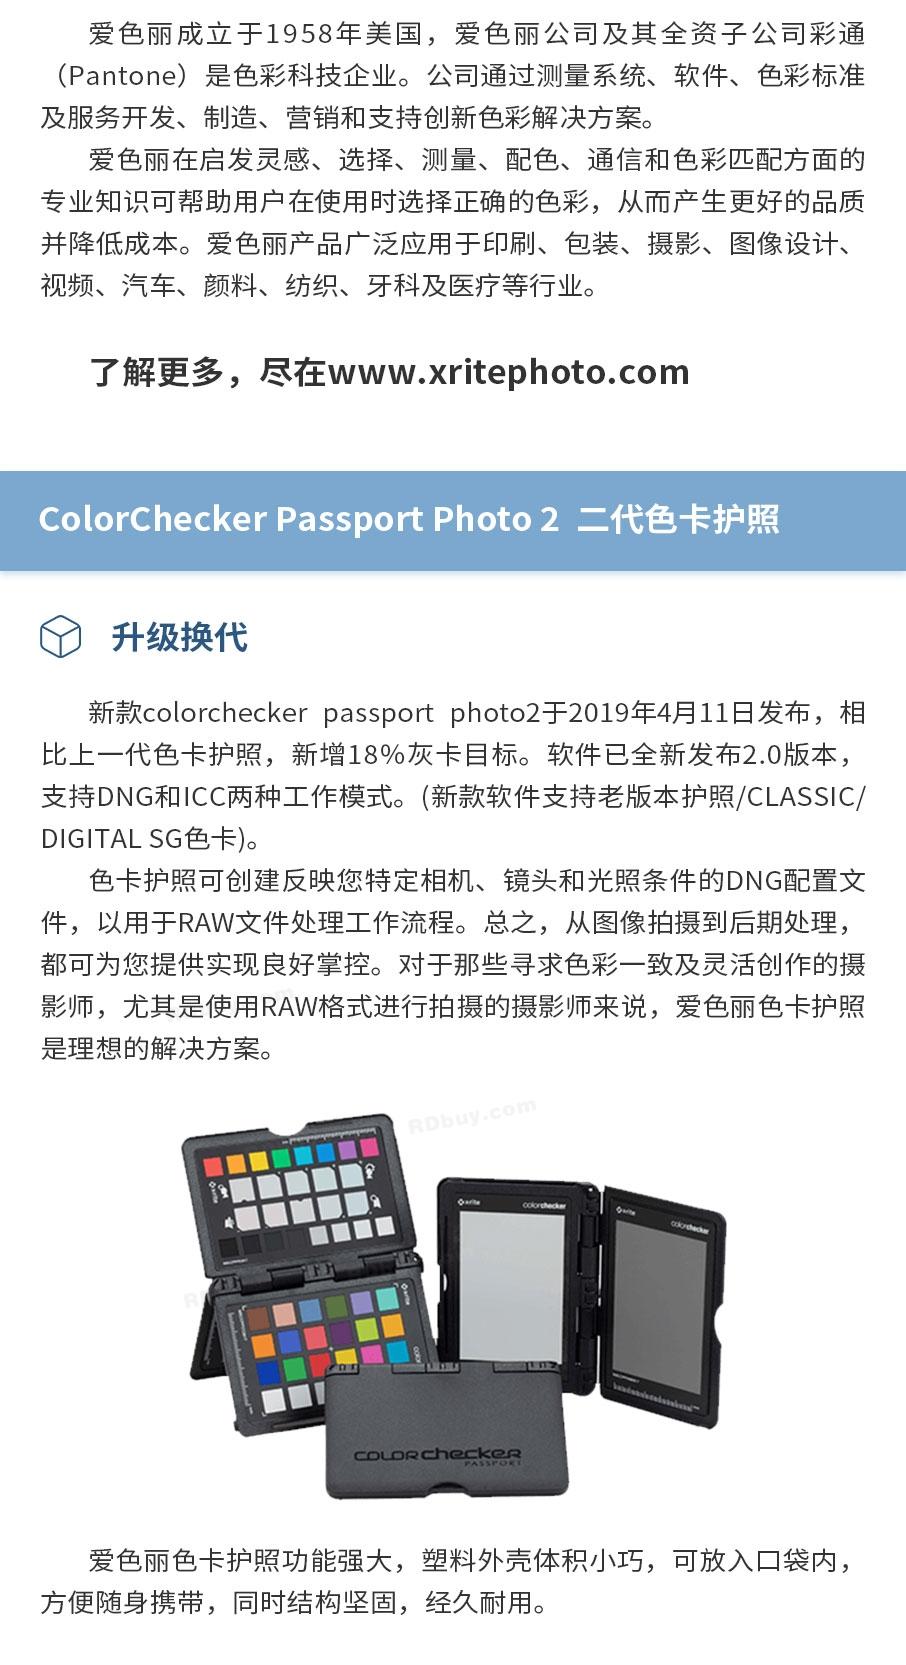 二代色卡护照_02.jpg